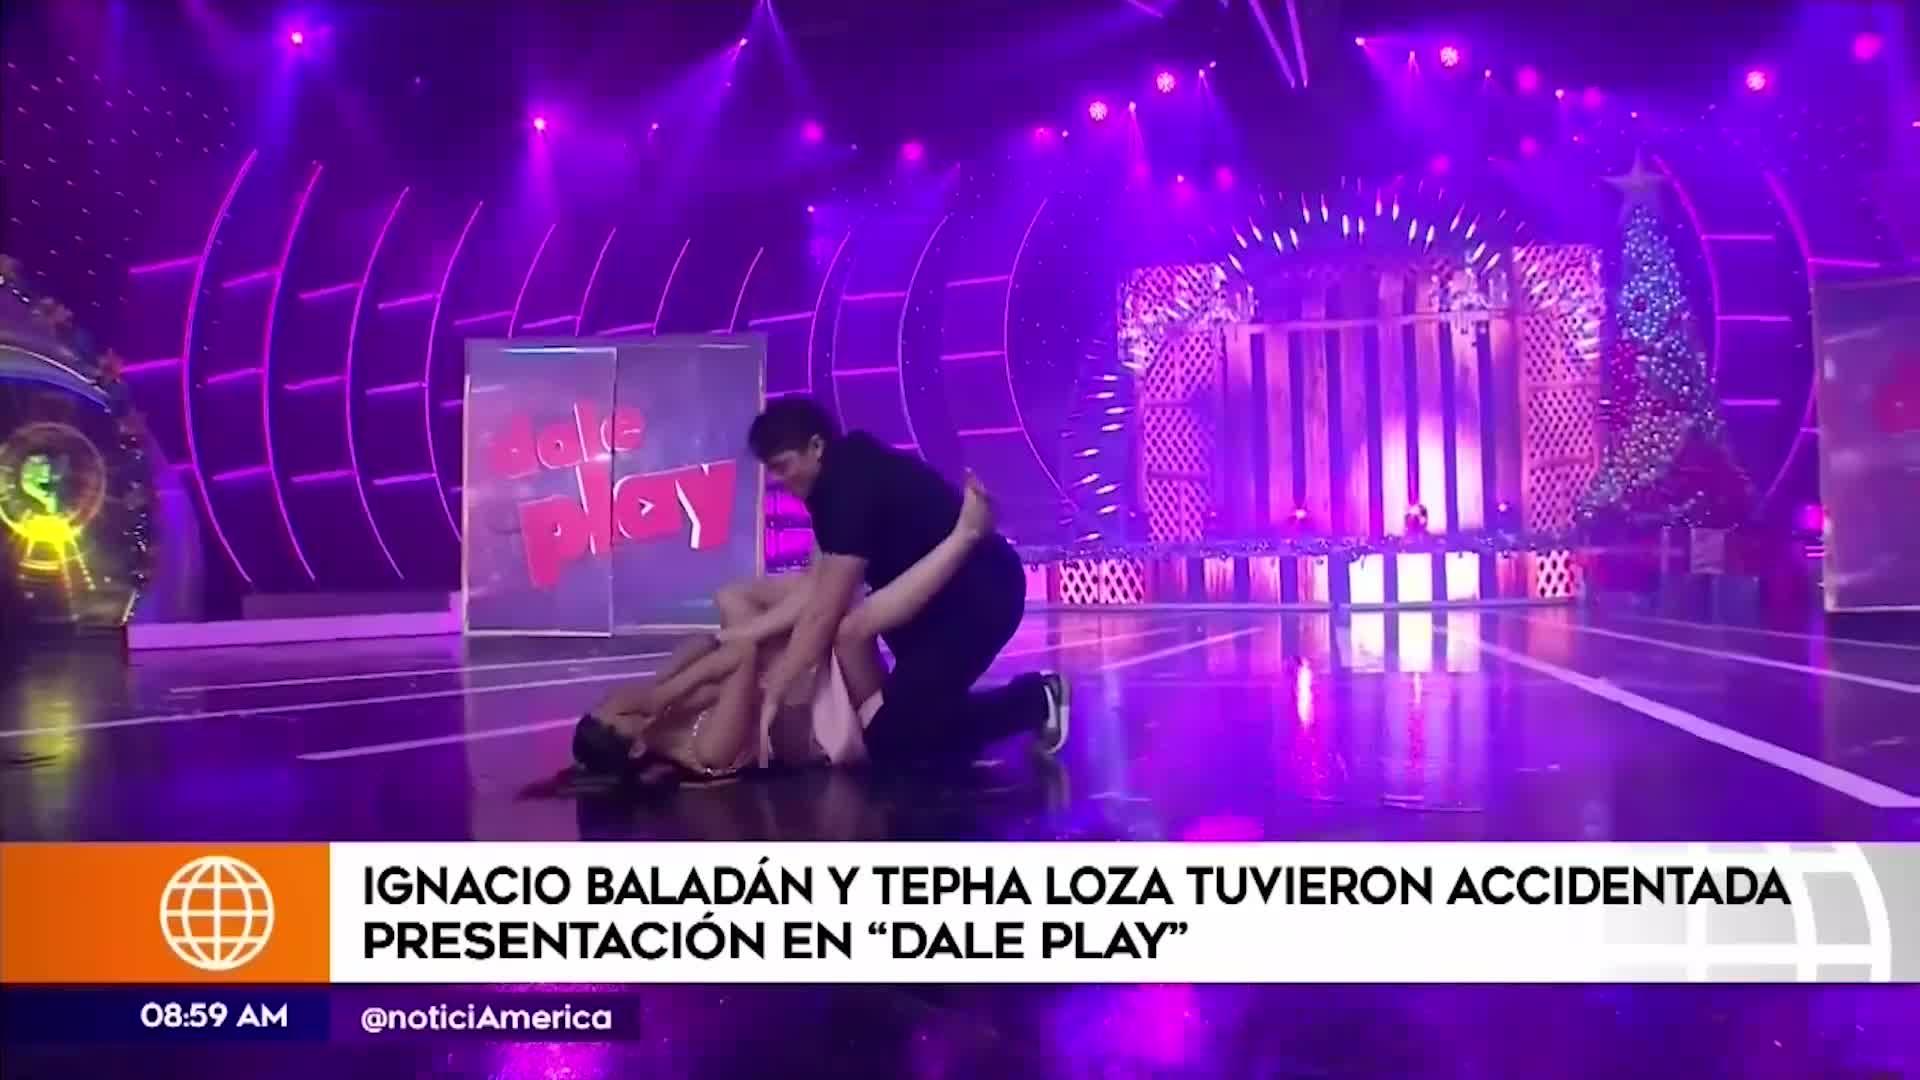 EEG: Stephanie Loza sufrió vergonzosa caída por culpa de Ignacio Baladán